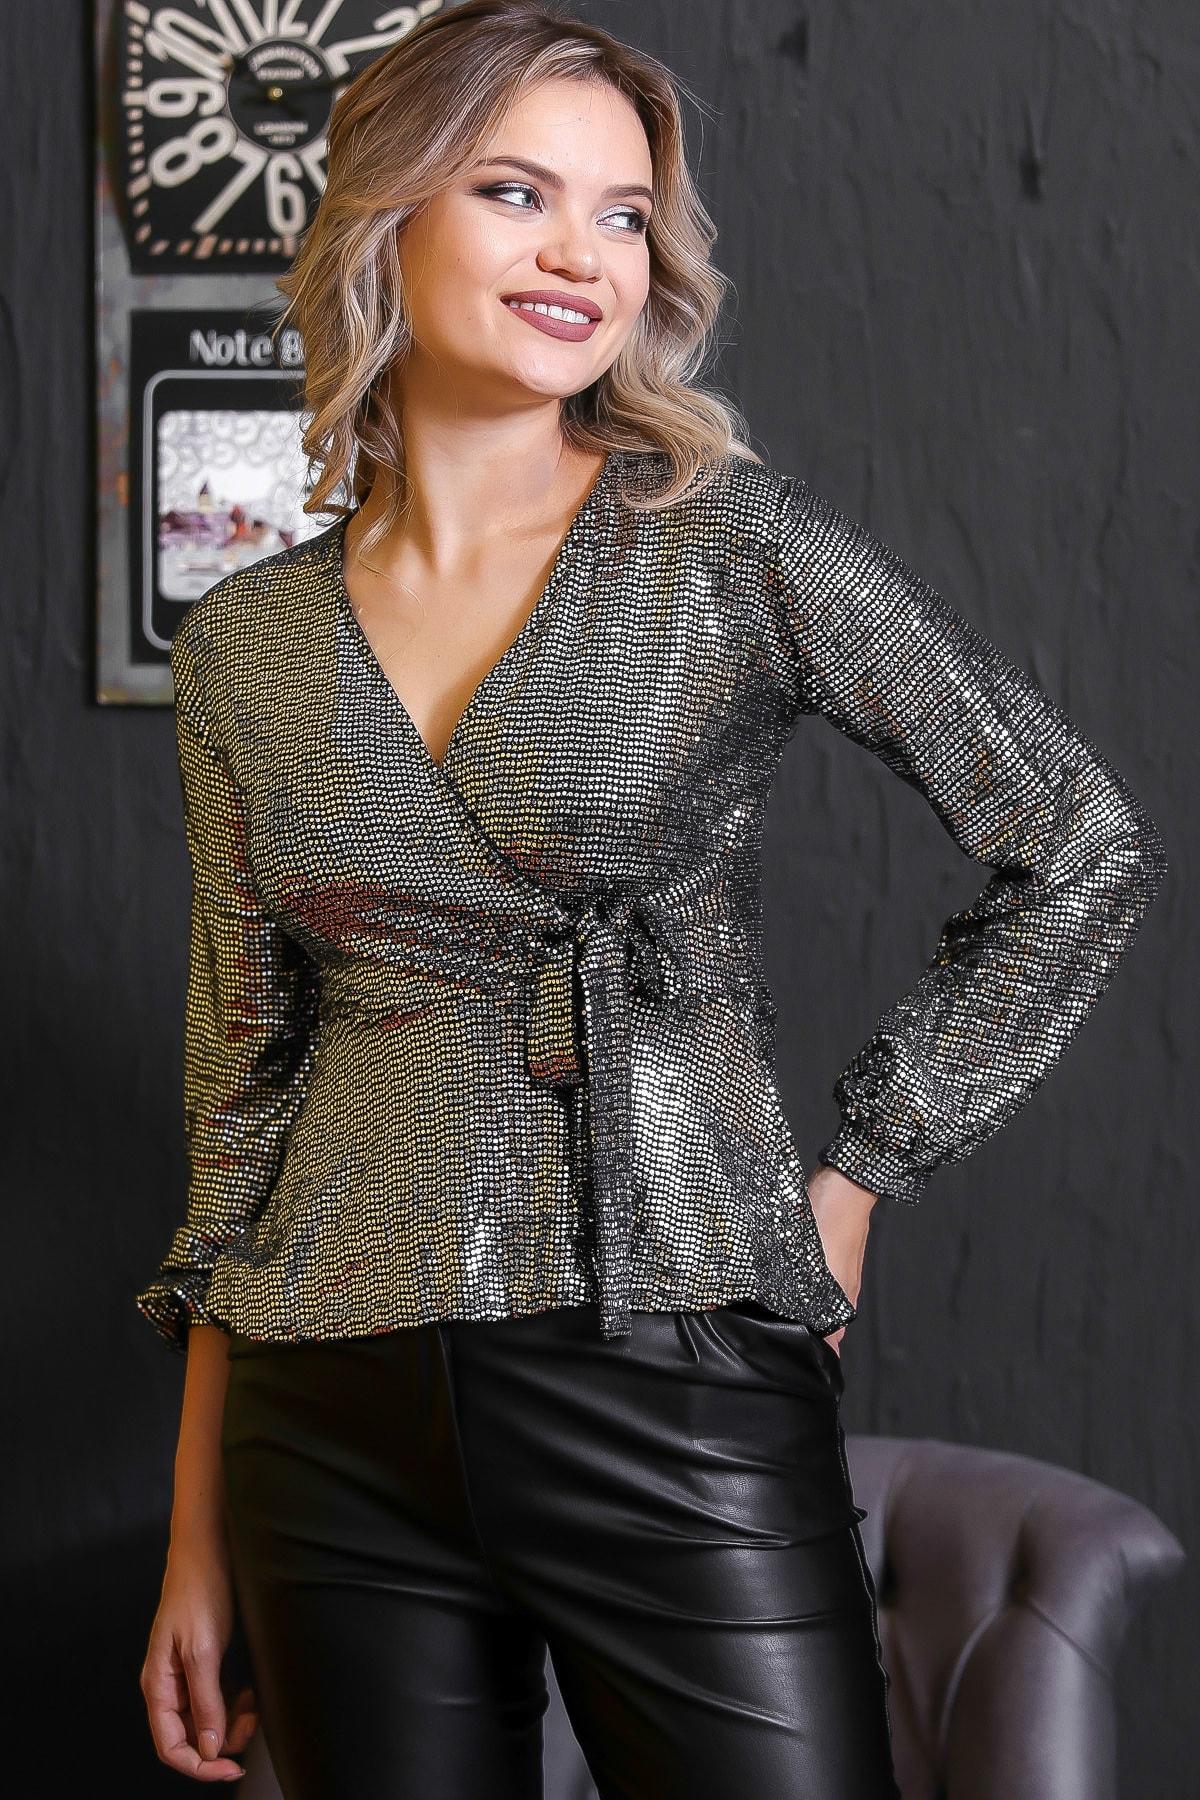 Chiccy Kadın Gümüş Bağlama Detaylı Işıltılı Bluz M10010200BL95672 3